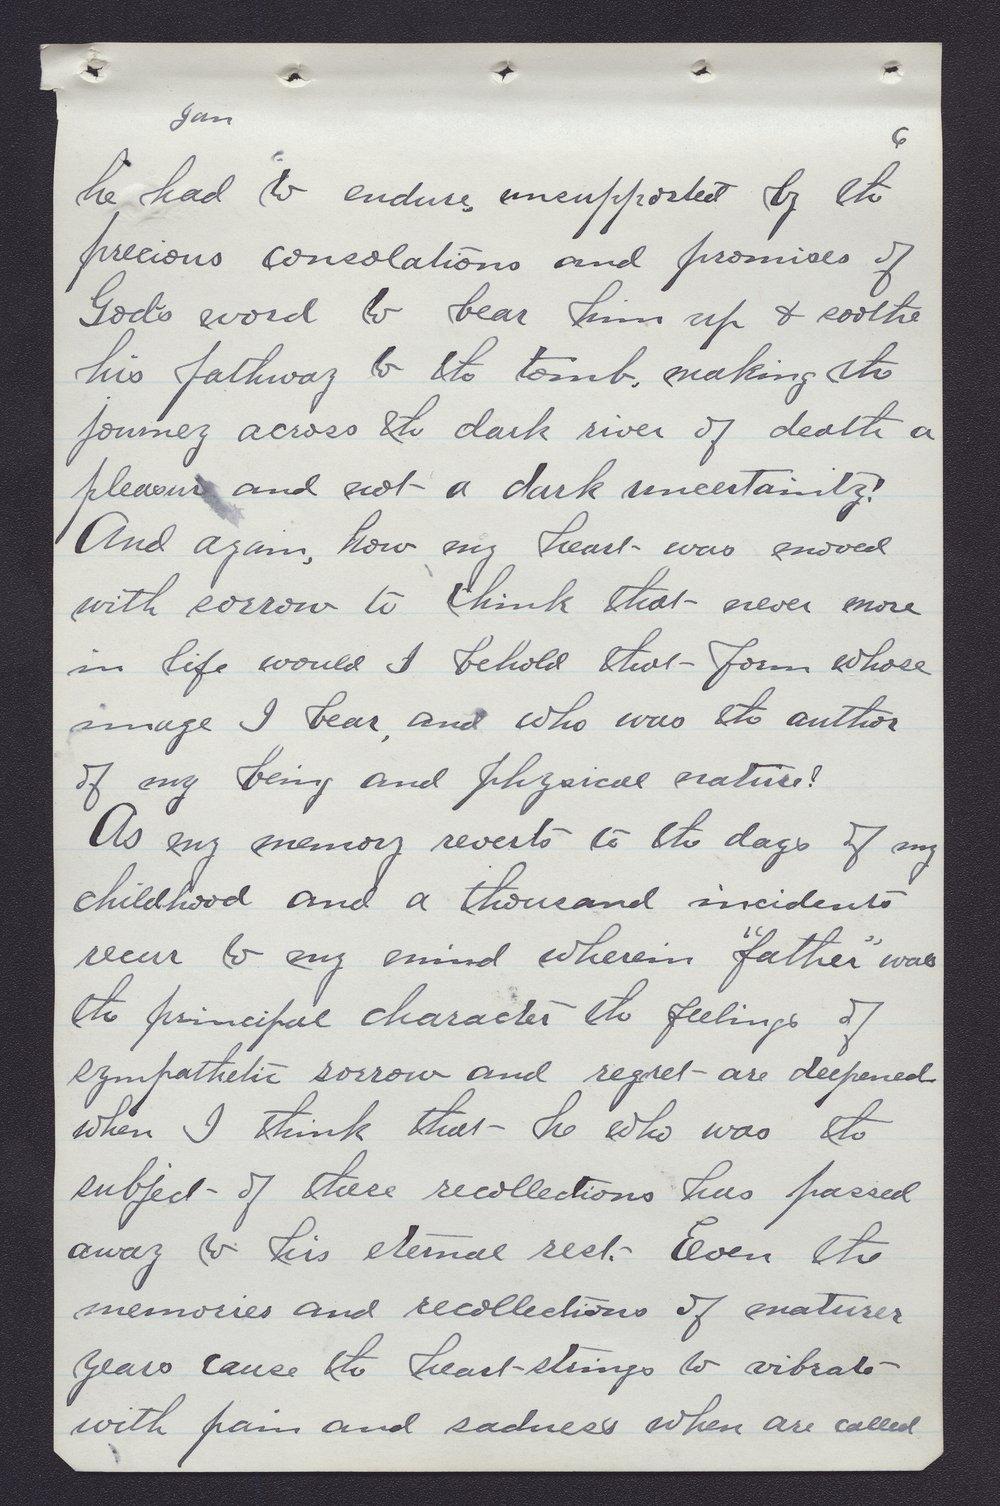 Elam Bartholomew diary - Jan 4, 1881 (3)